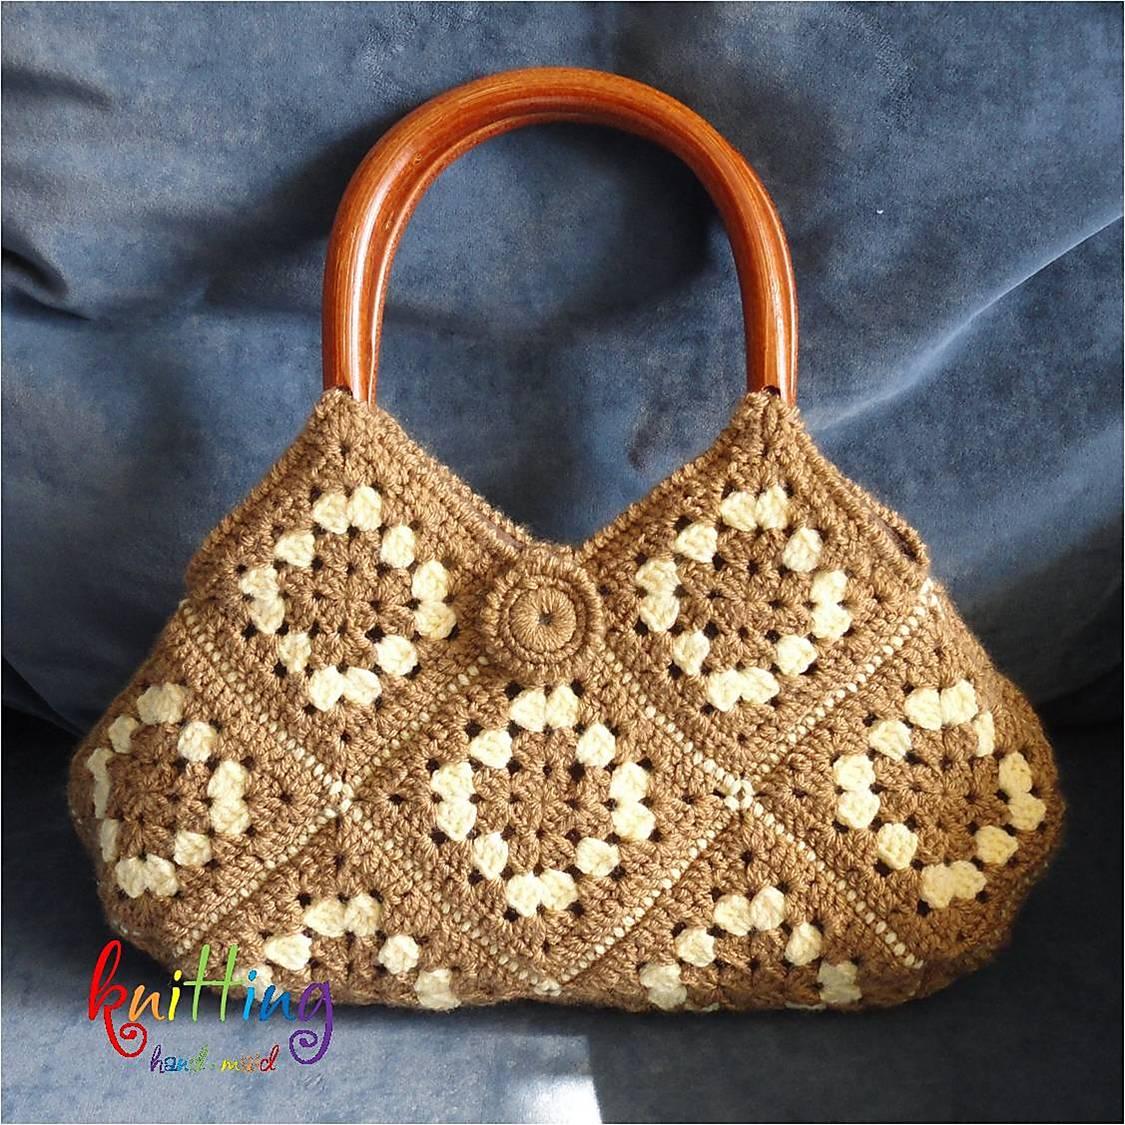 c5906d75aed3 Вязаная сумка спицами в классическом Женские сумки ручной работы. Ярмарка  Мастеров - ручная работа Вязаная сумка